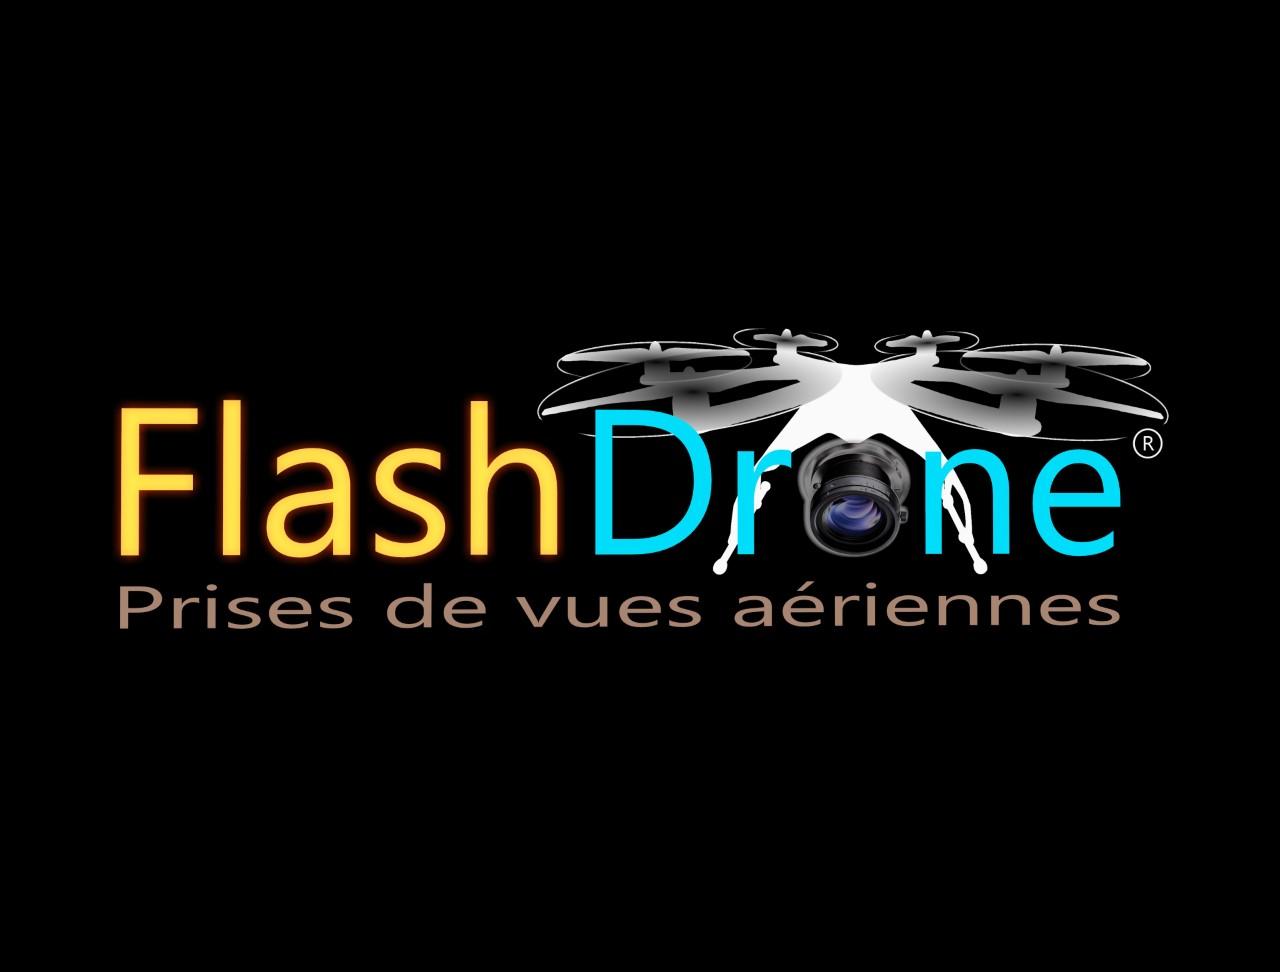 Carte De Visite Flashdrone Prise Vue Aerienne Dans La Manche